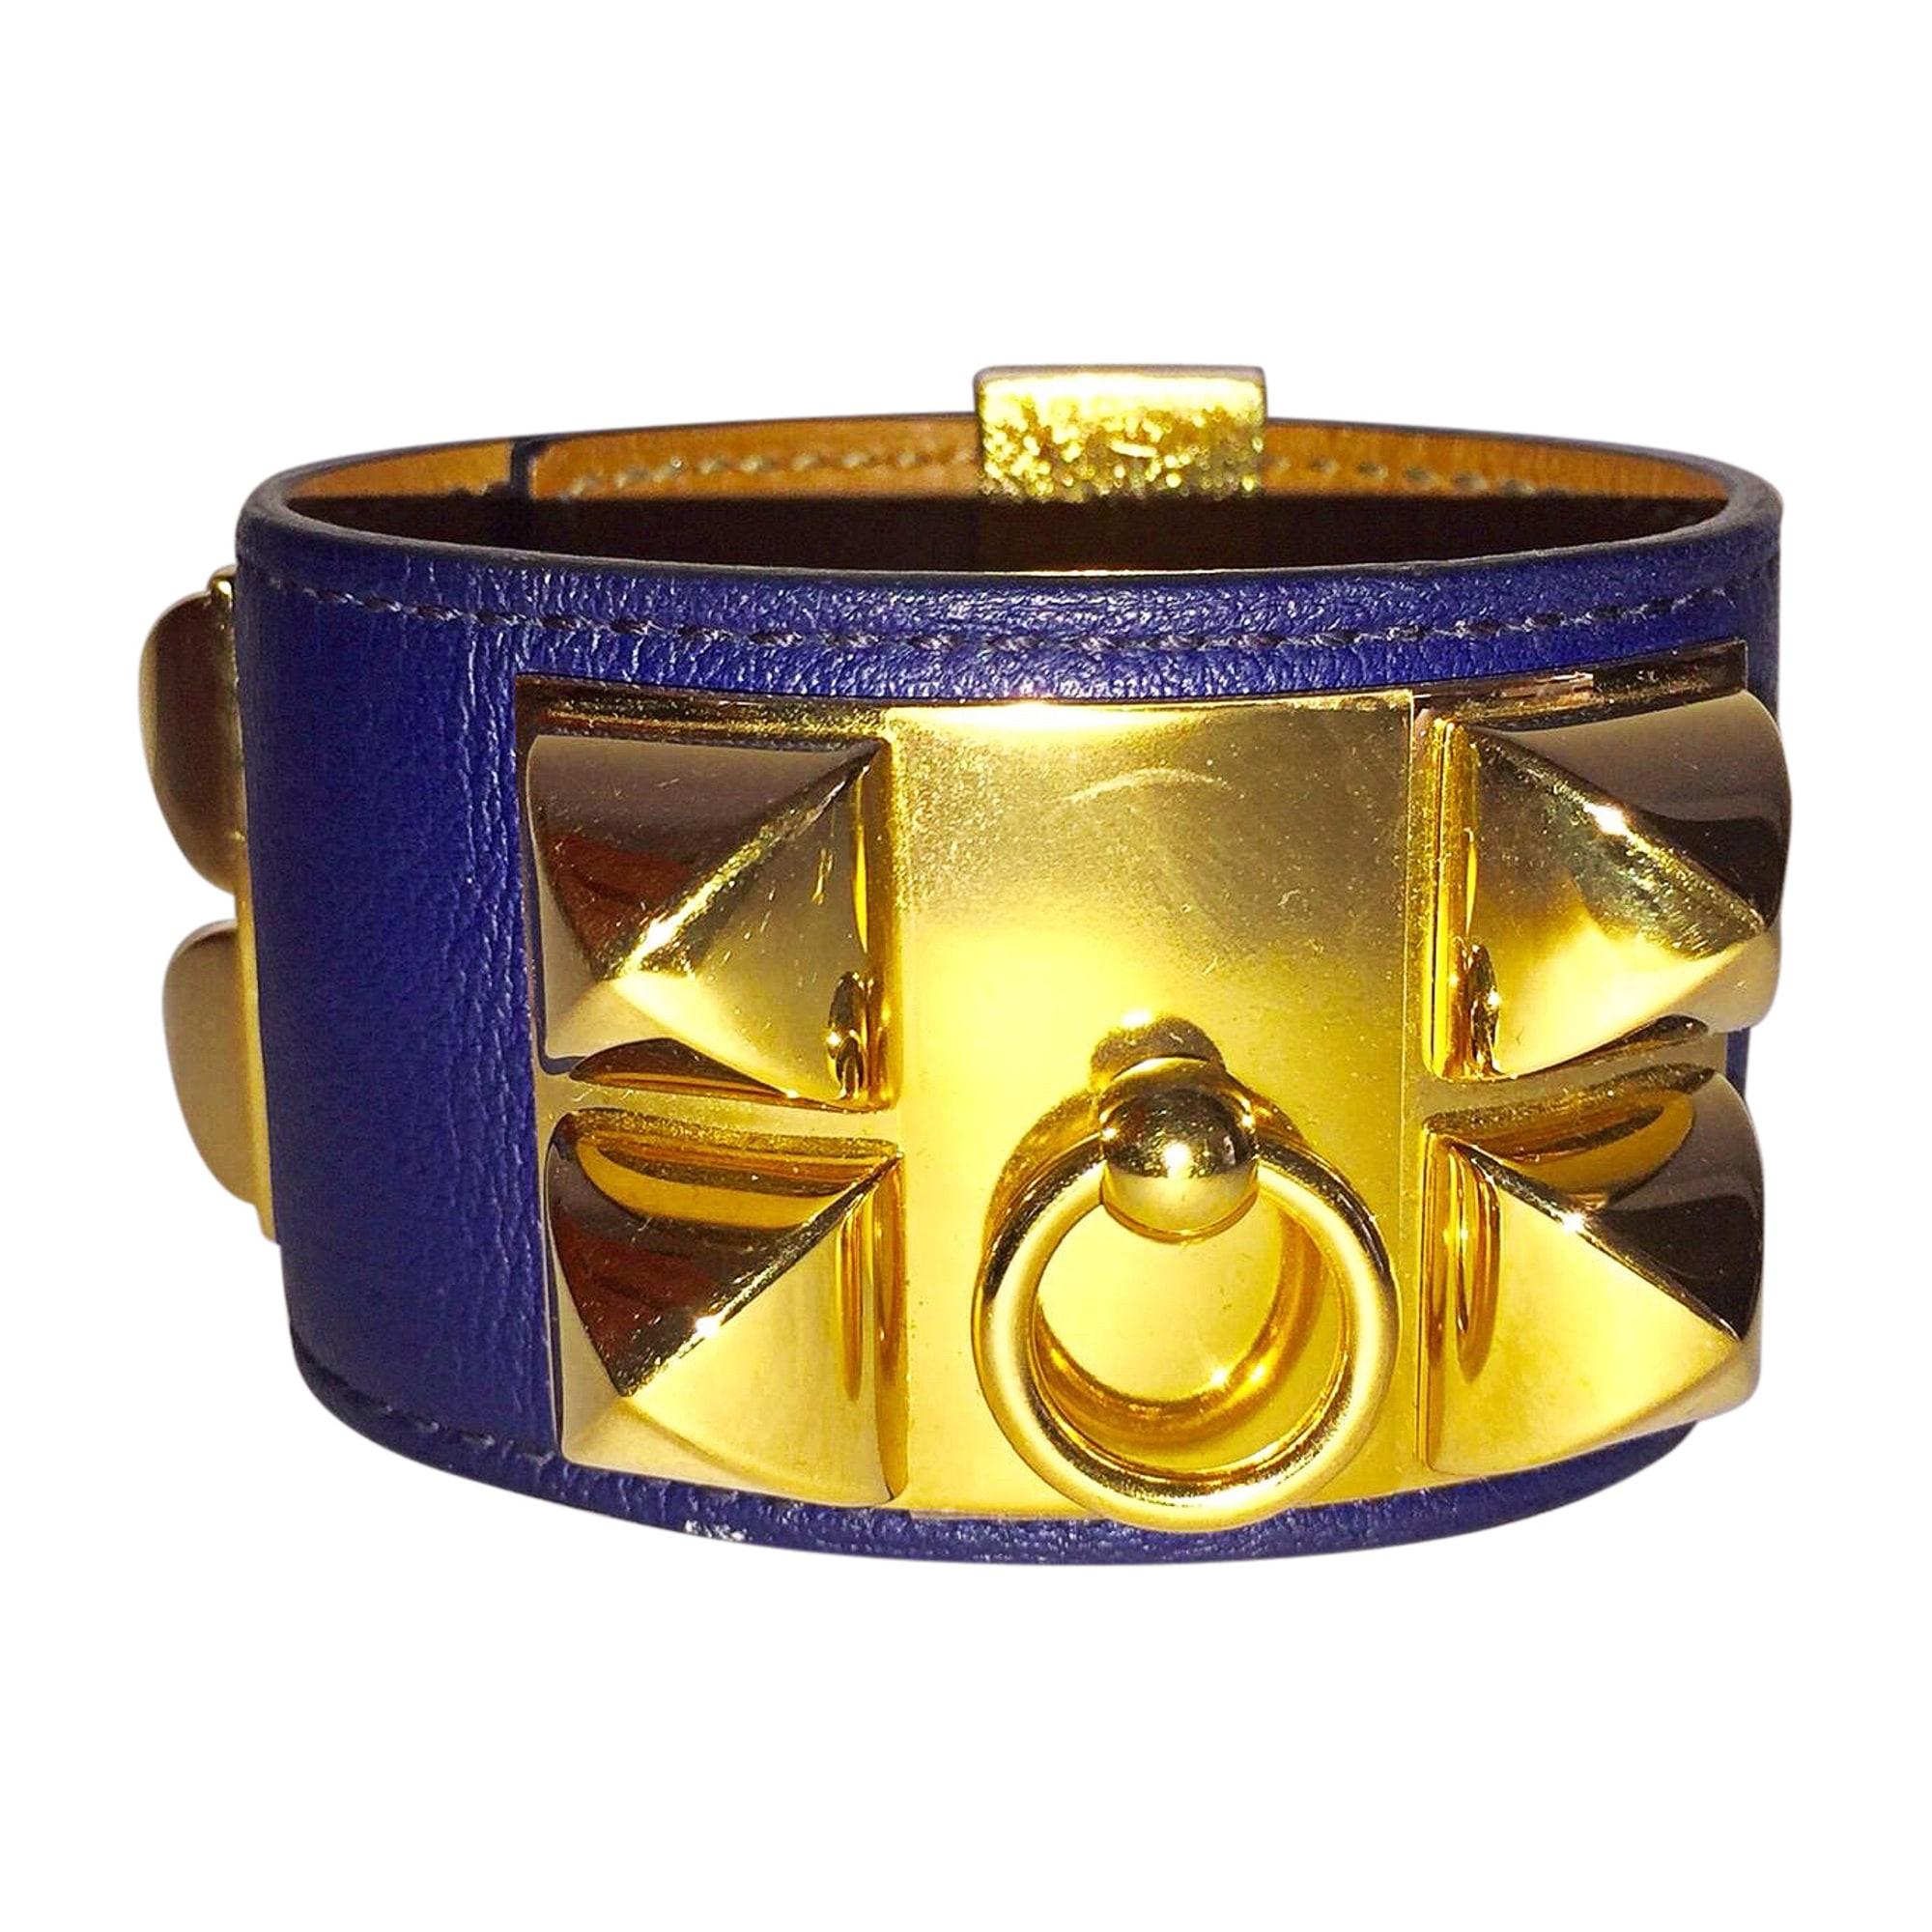 Bracelet HERMÈS Collier de Chien Blue, navy, turquoise